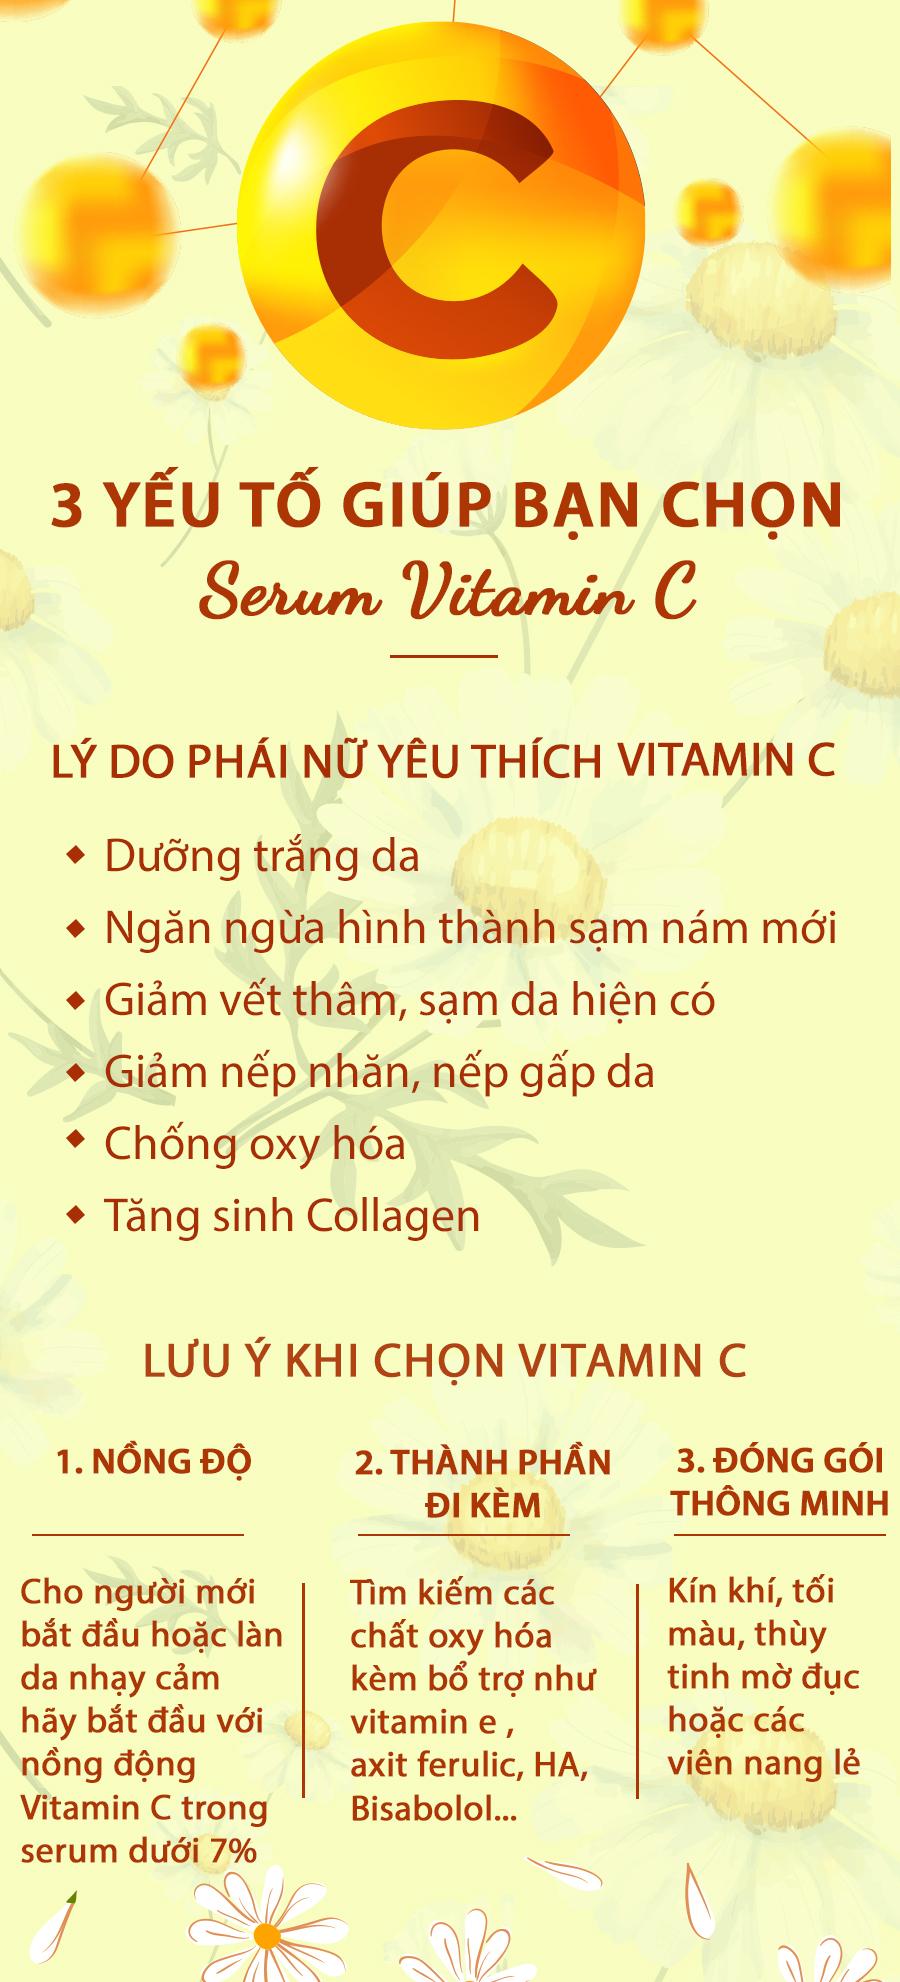 serum vitamin c cach chon dung